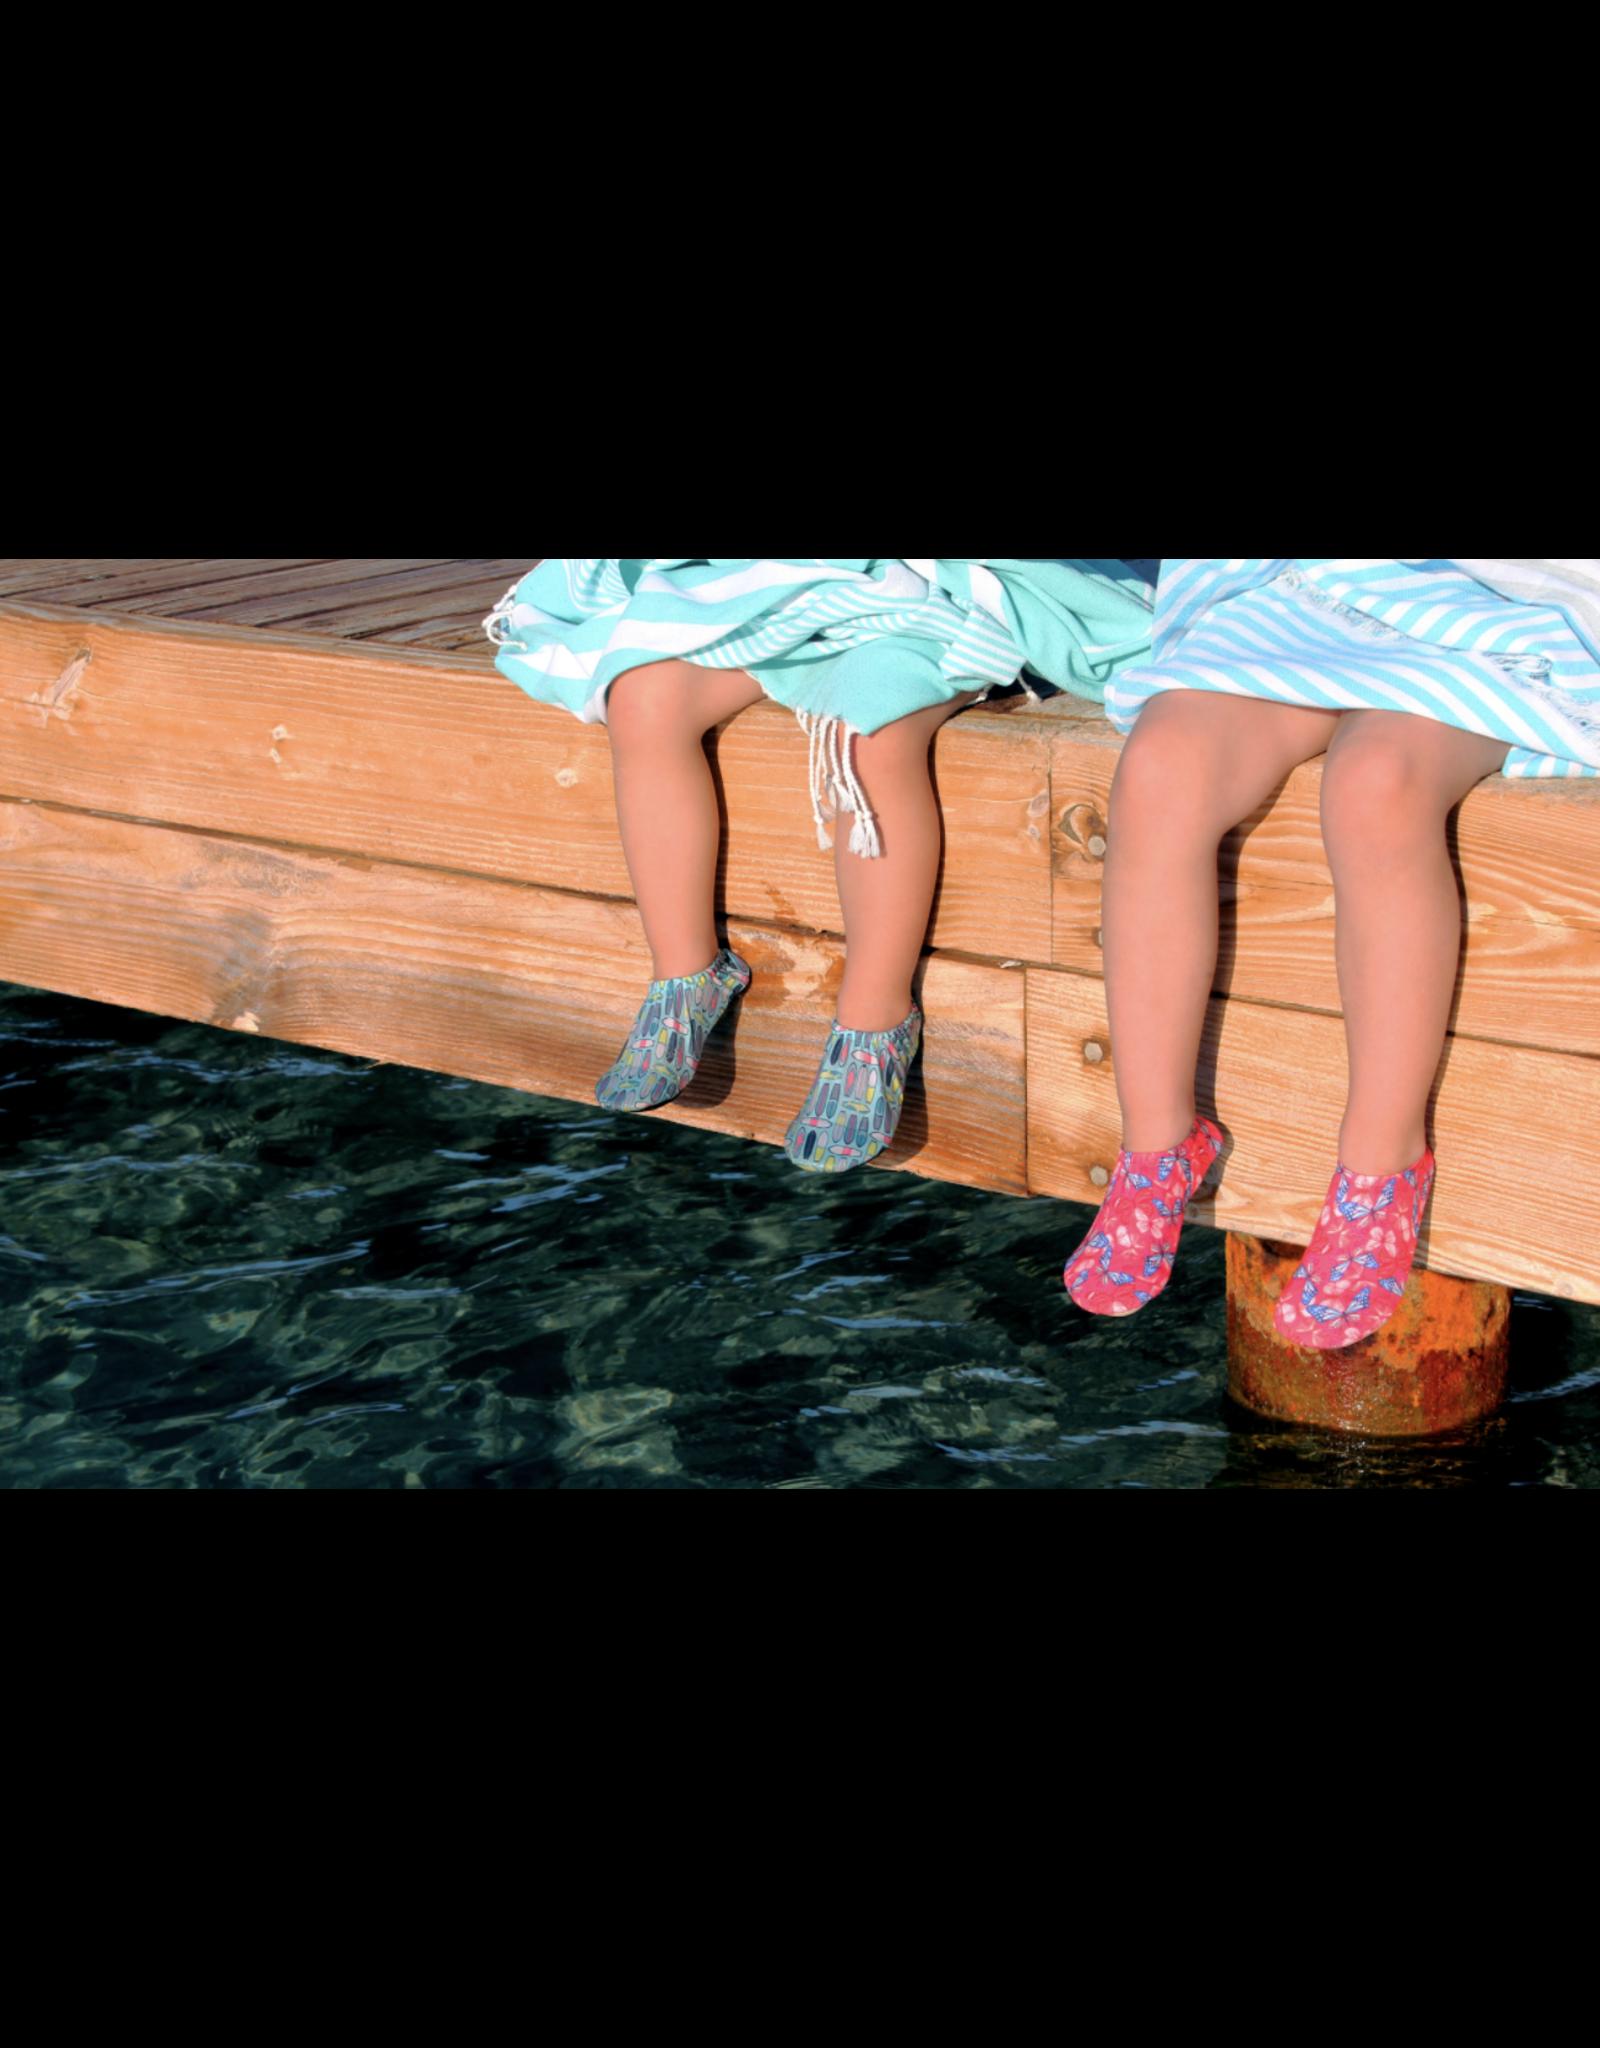 Aqua Socks 80s 36-37